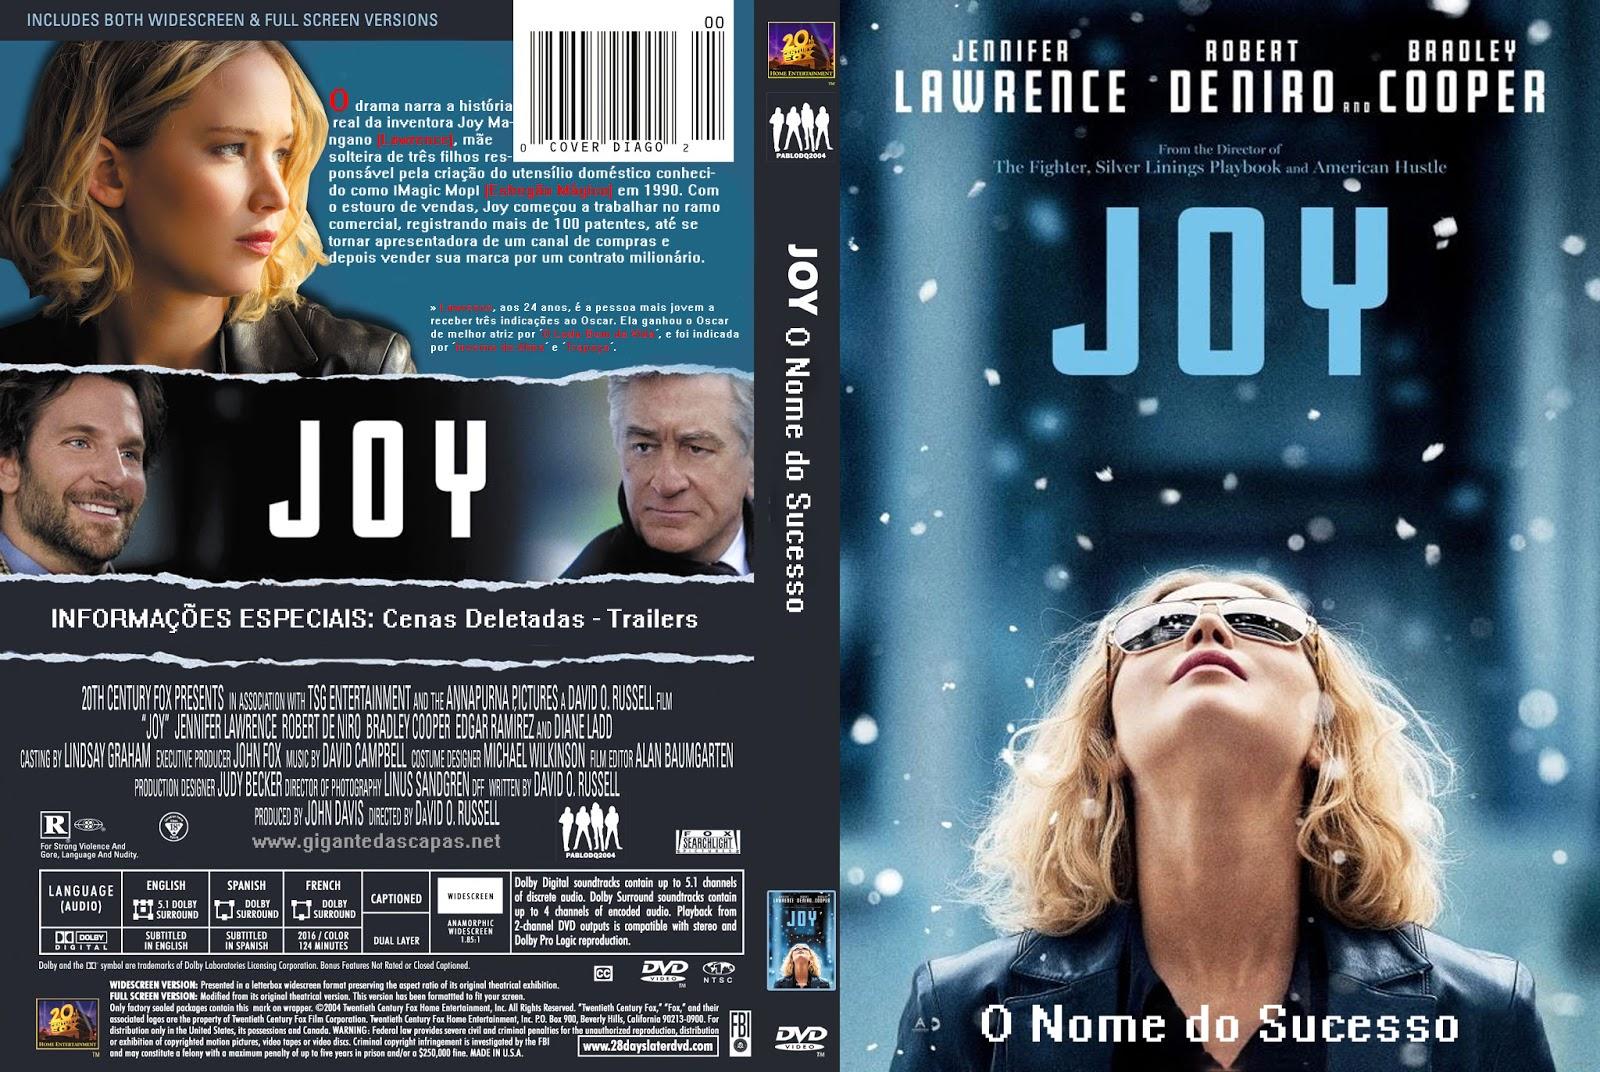 Joy O Nome do Sucesso BDRip XviD Dual Áudio Joy 2BO 2BNome 2Bdo 2BSucesso 2B 25282016 2529